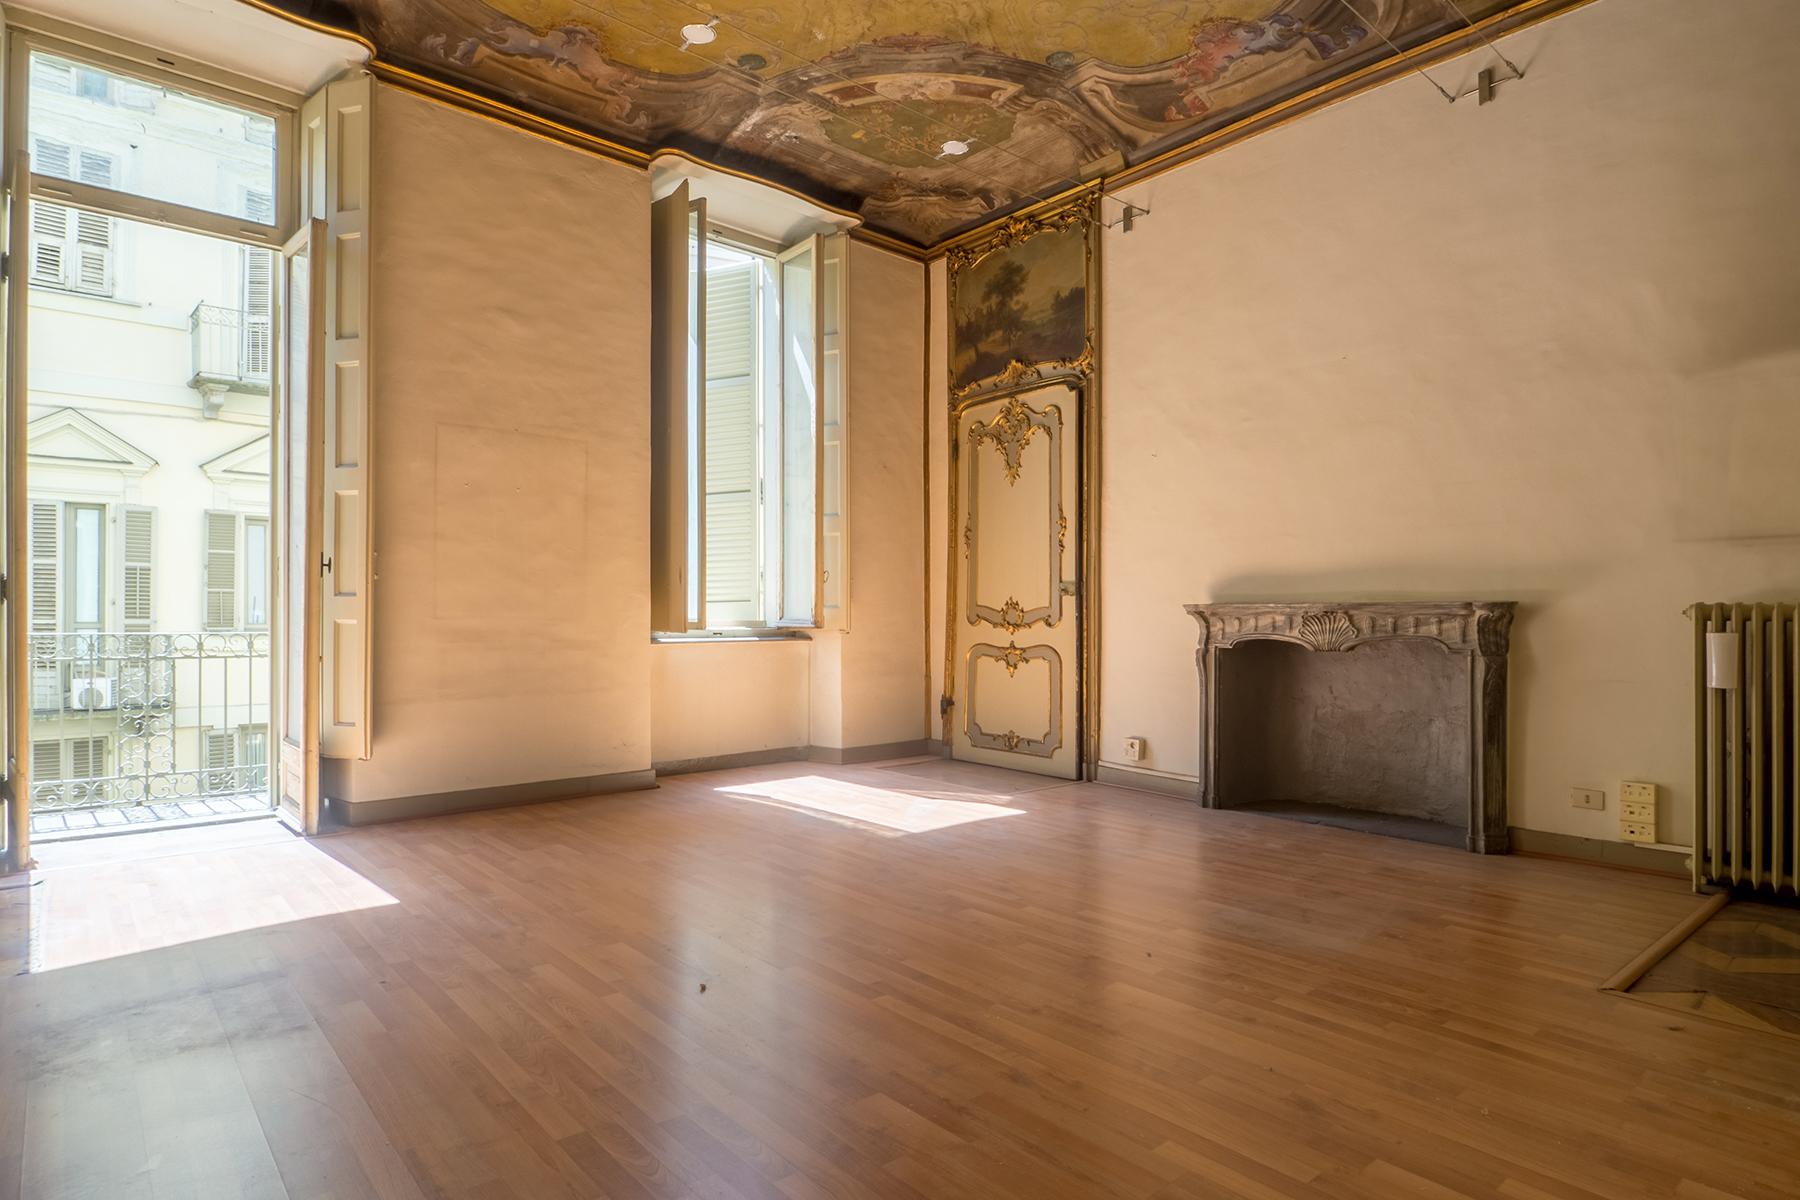 Ufficio-studio in Affitto a Torino: 5 locali, 1000 mq - Foto 2